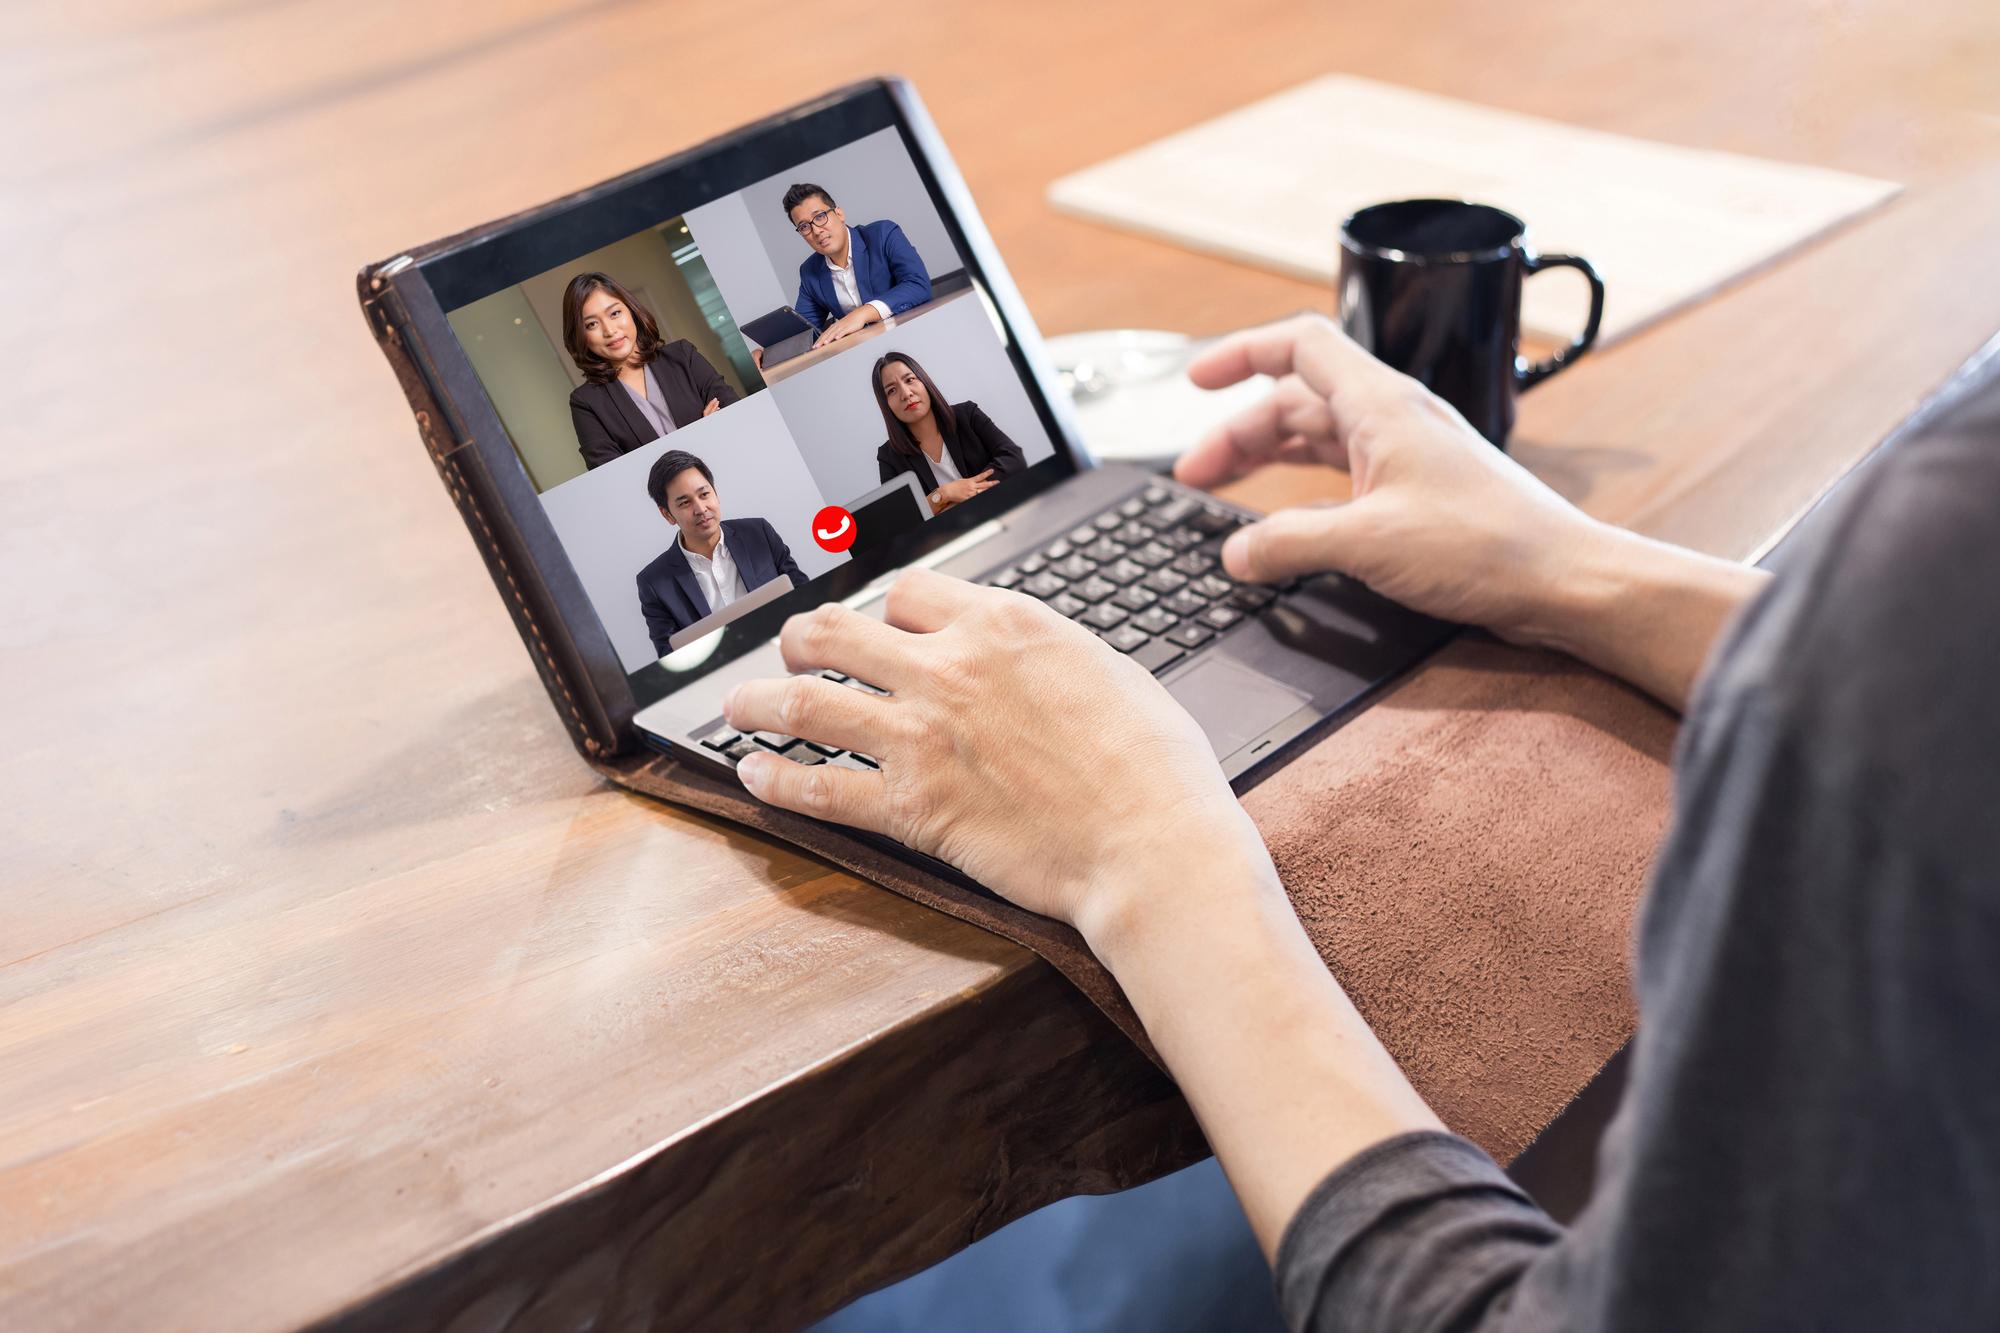 ウェビナーを活用している企業の成功事例10選